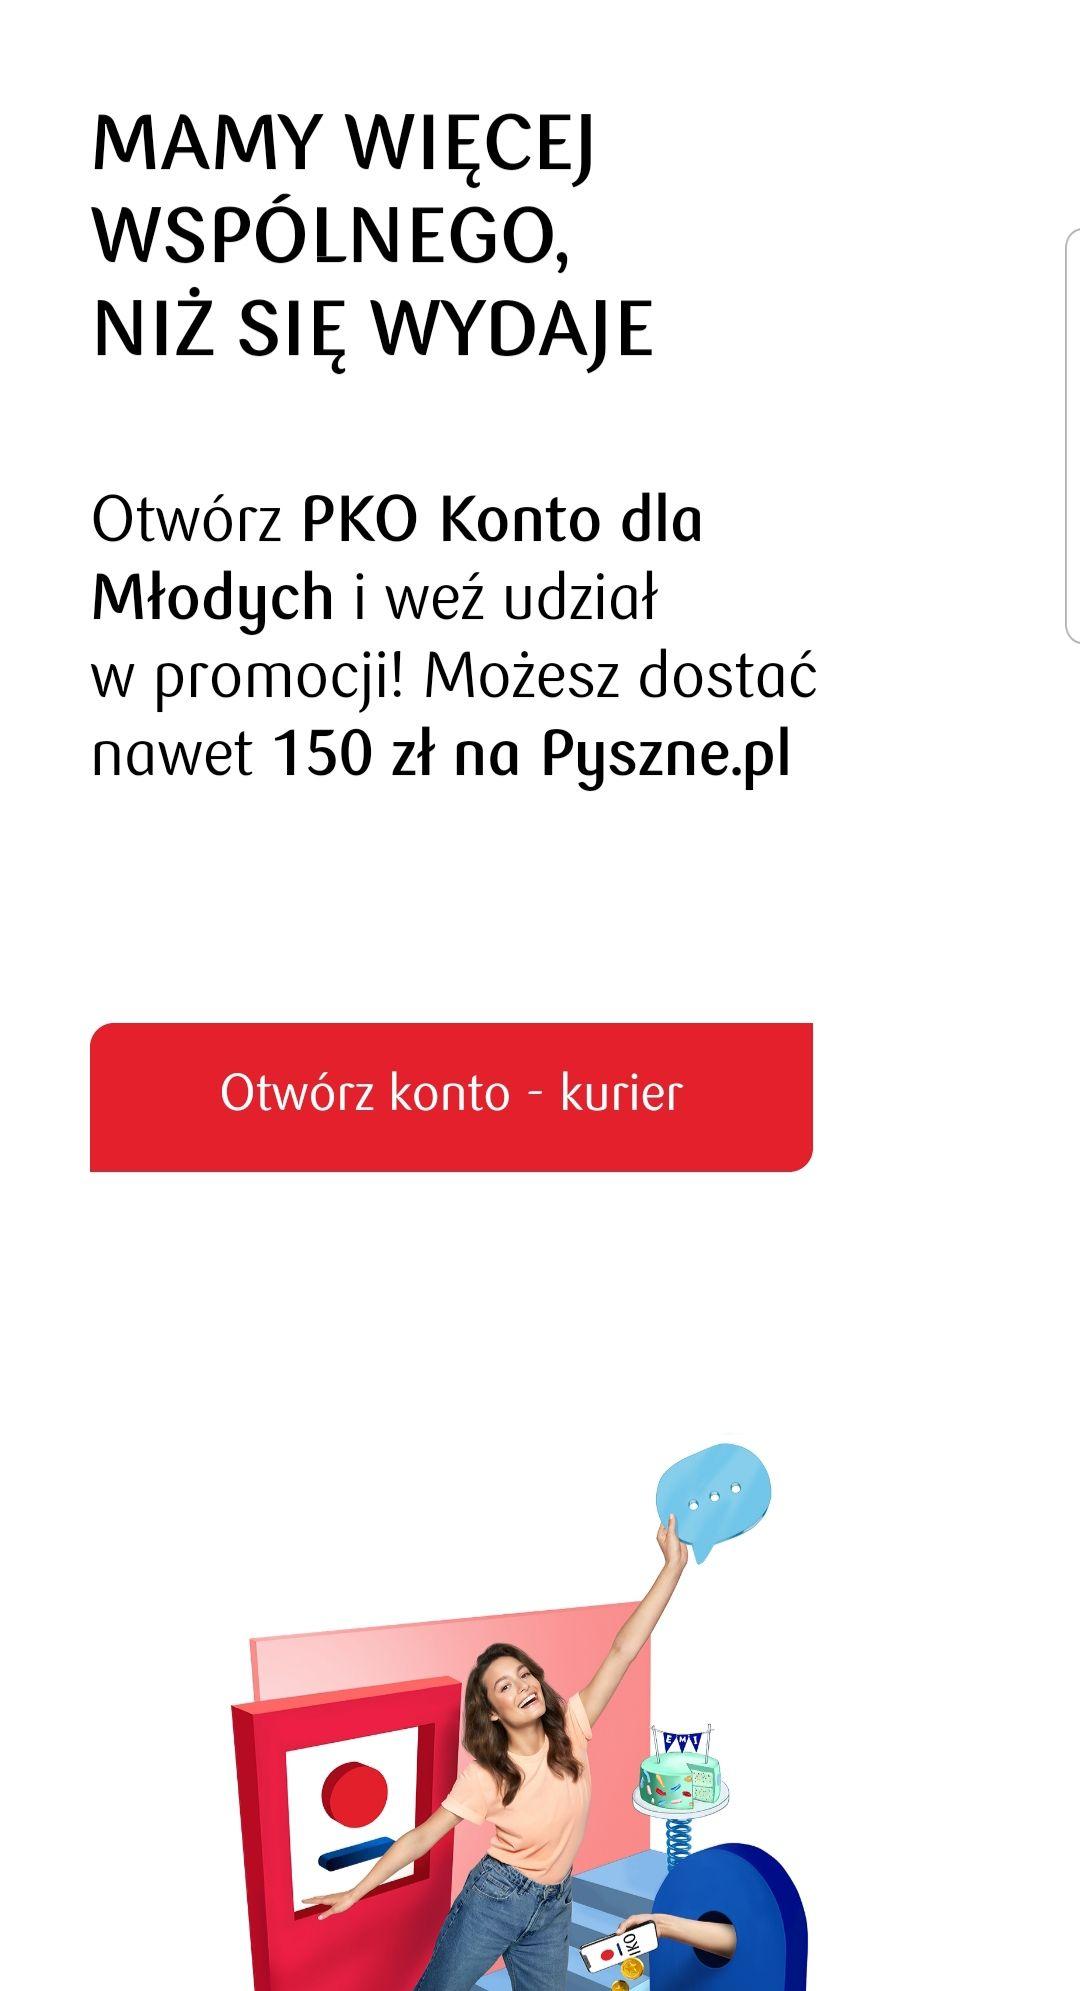 150 zł na Pyszne za otwarcie PKO konta dla młodych